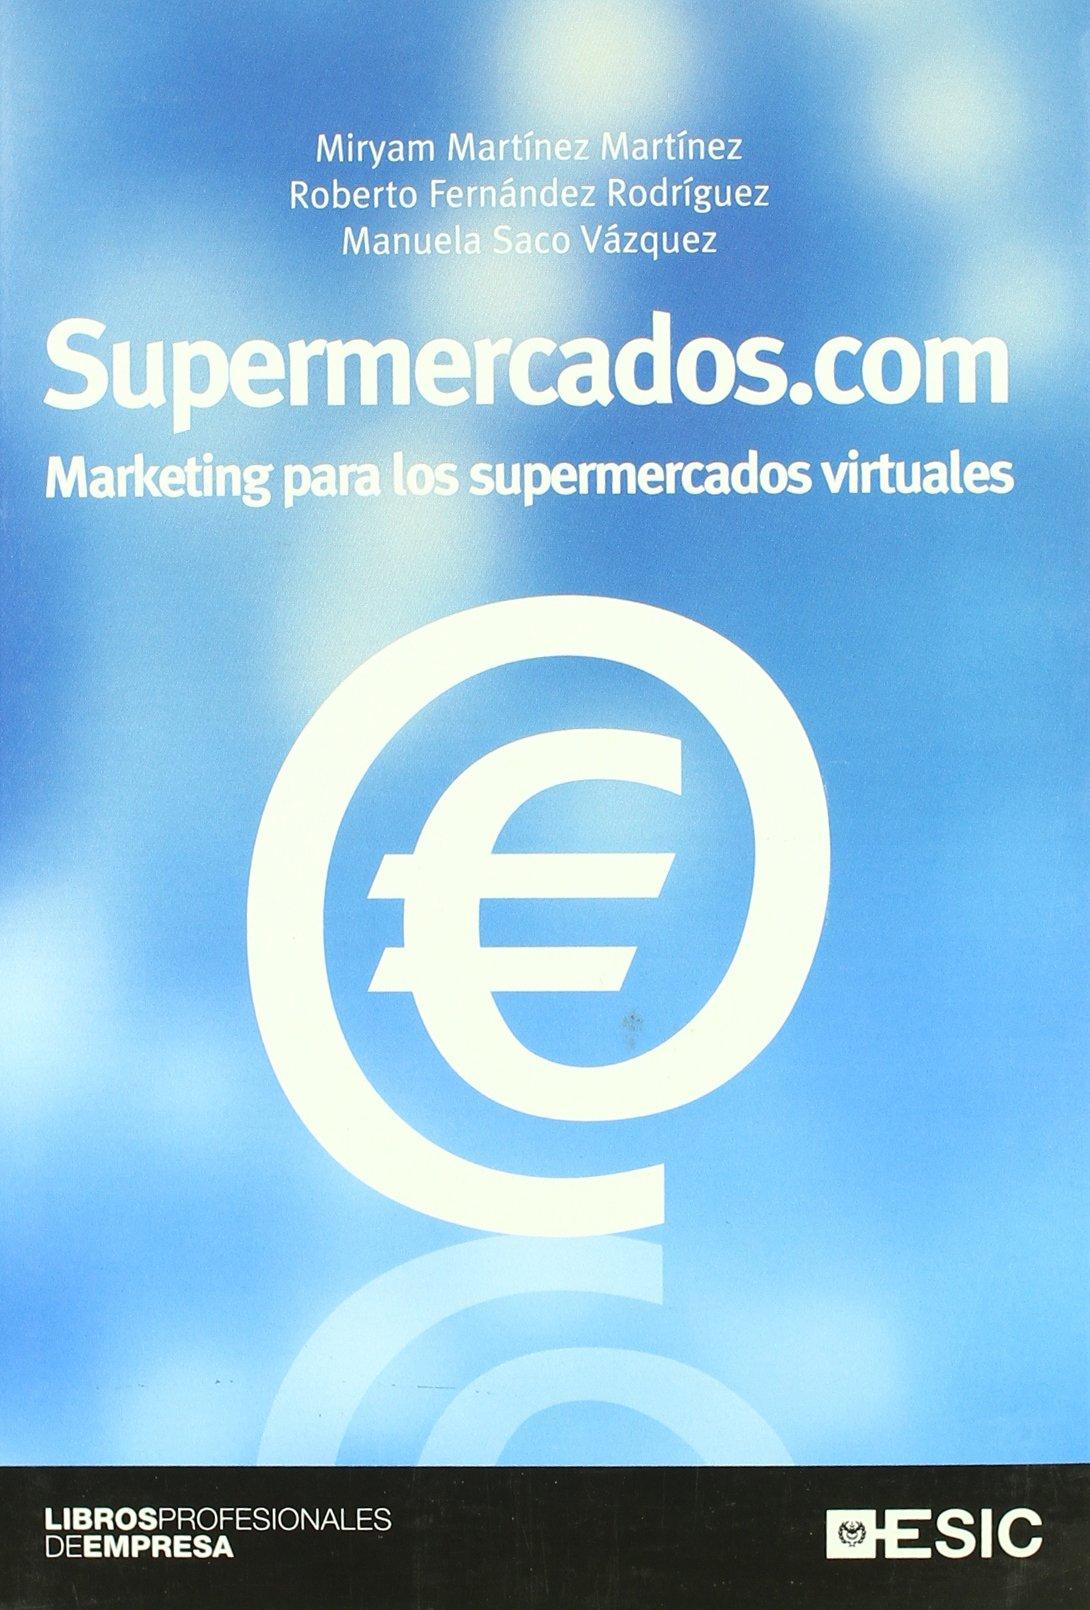 Supermercados.com: Marketing para los supermercados virtuales Libros profesionales: Amazon.es: Miryam Martínez Martínez, Roberto Fernández Rodríguez, ...